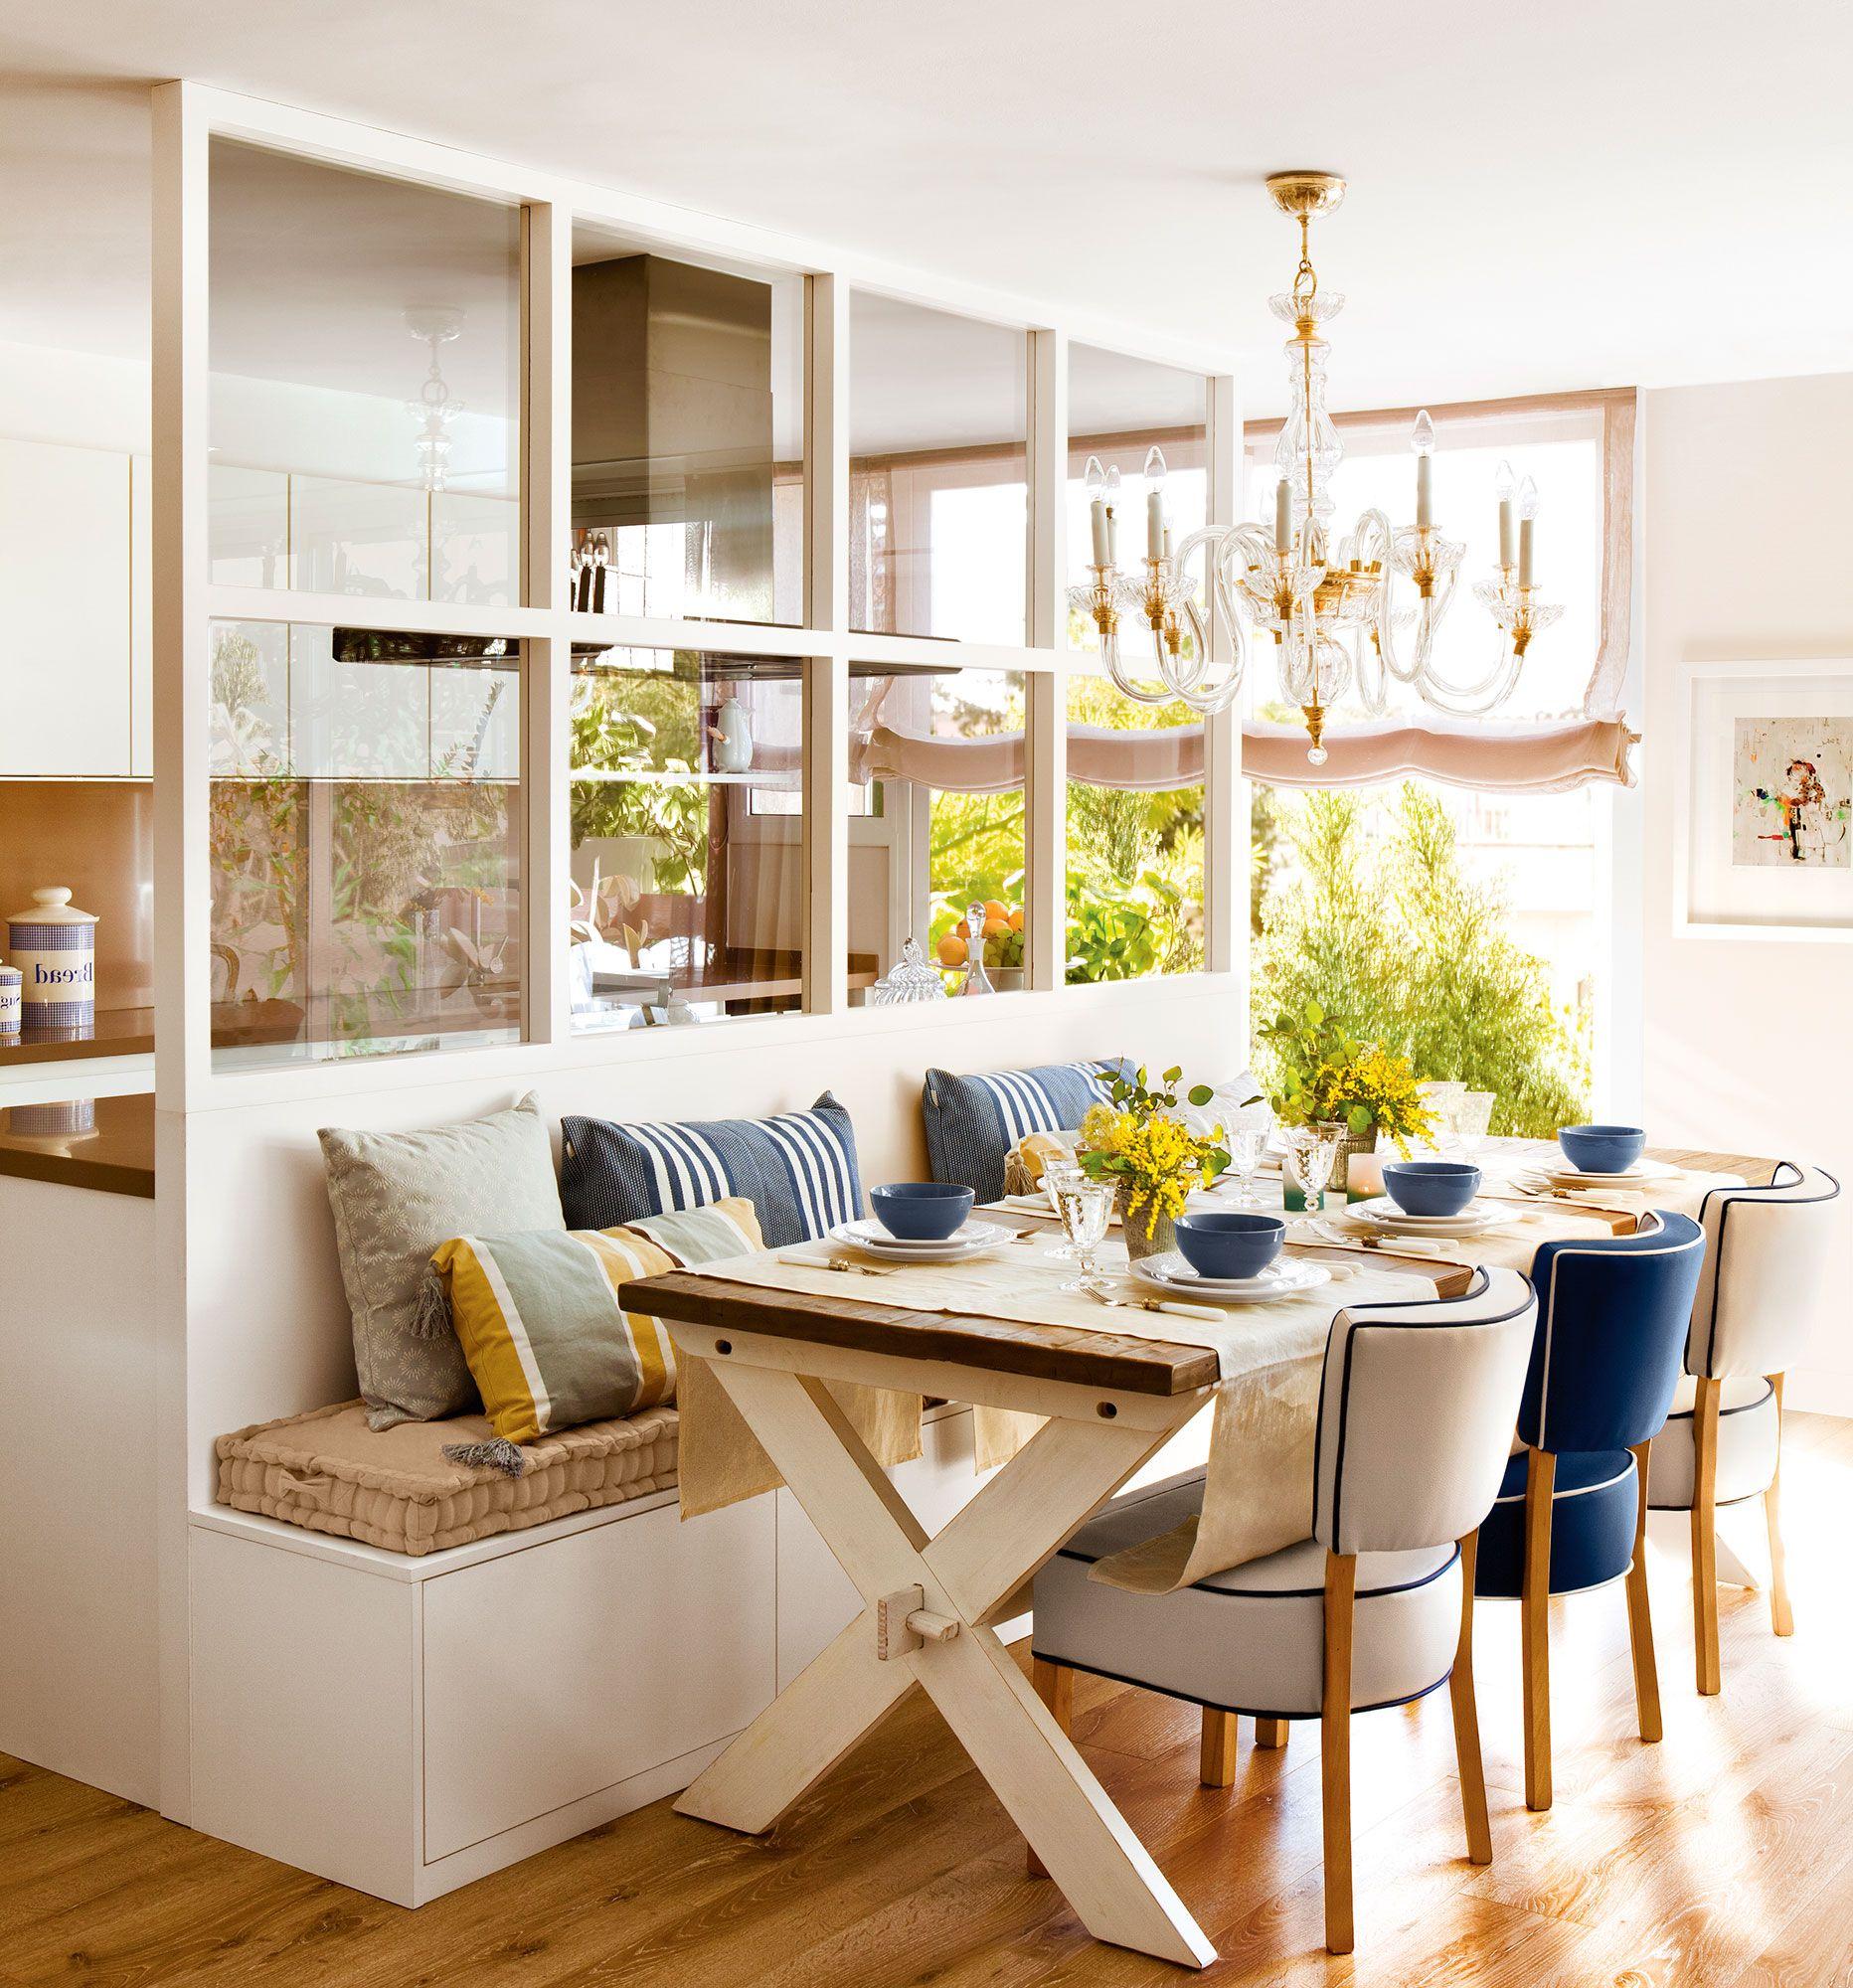 Las mejores mesas de comedor de El Mueble | Cristalera, Separar y Bancos